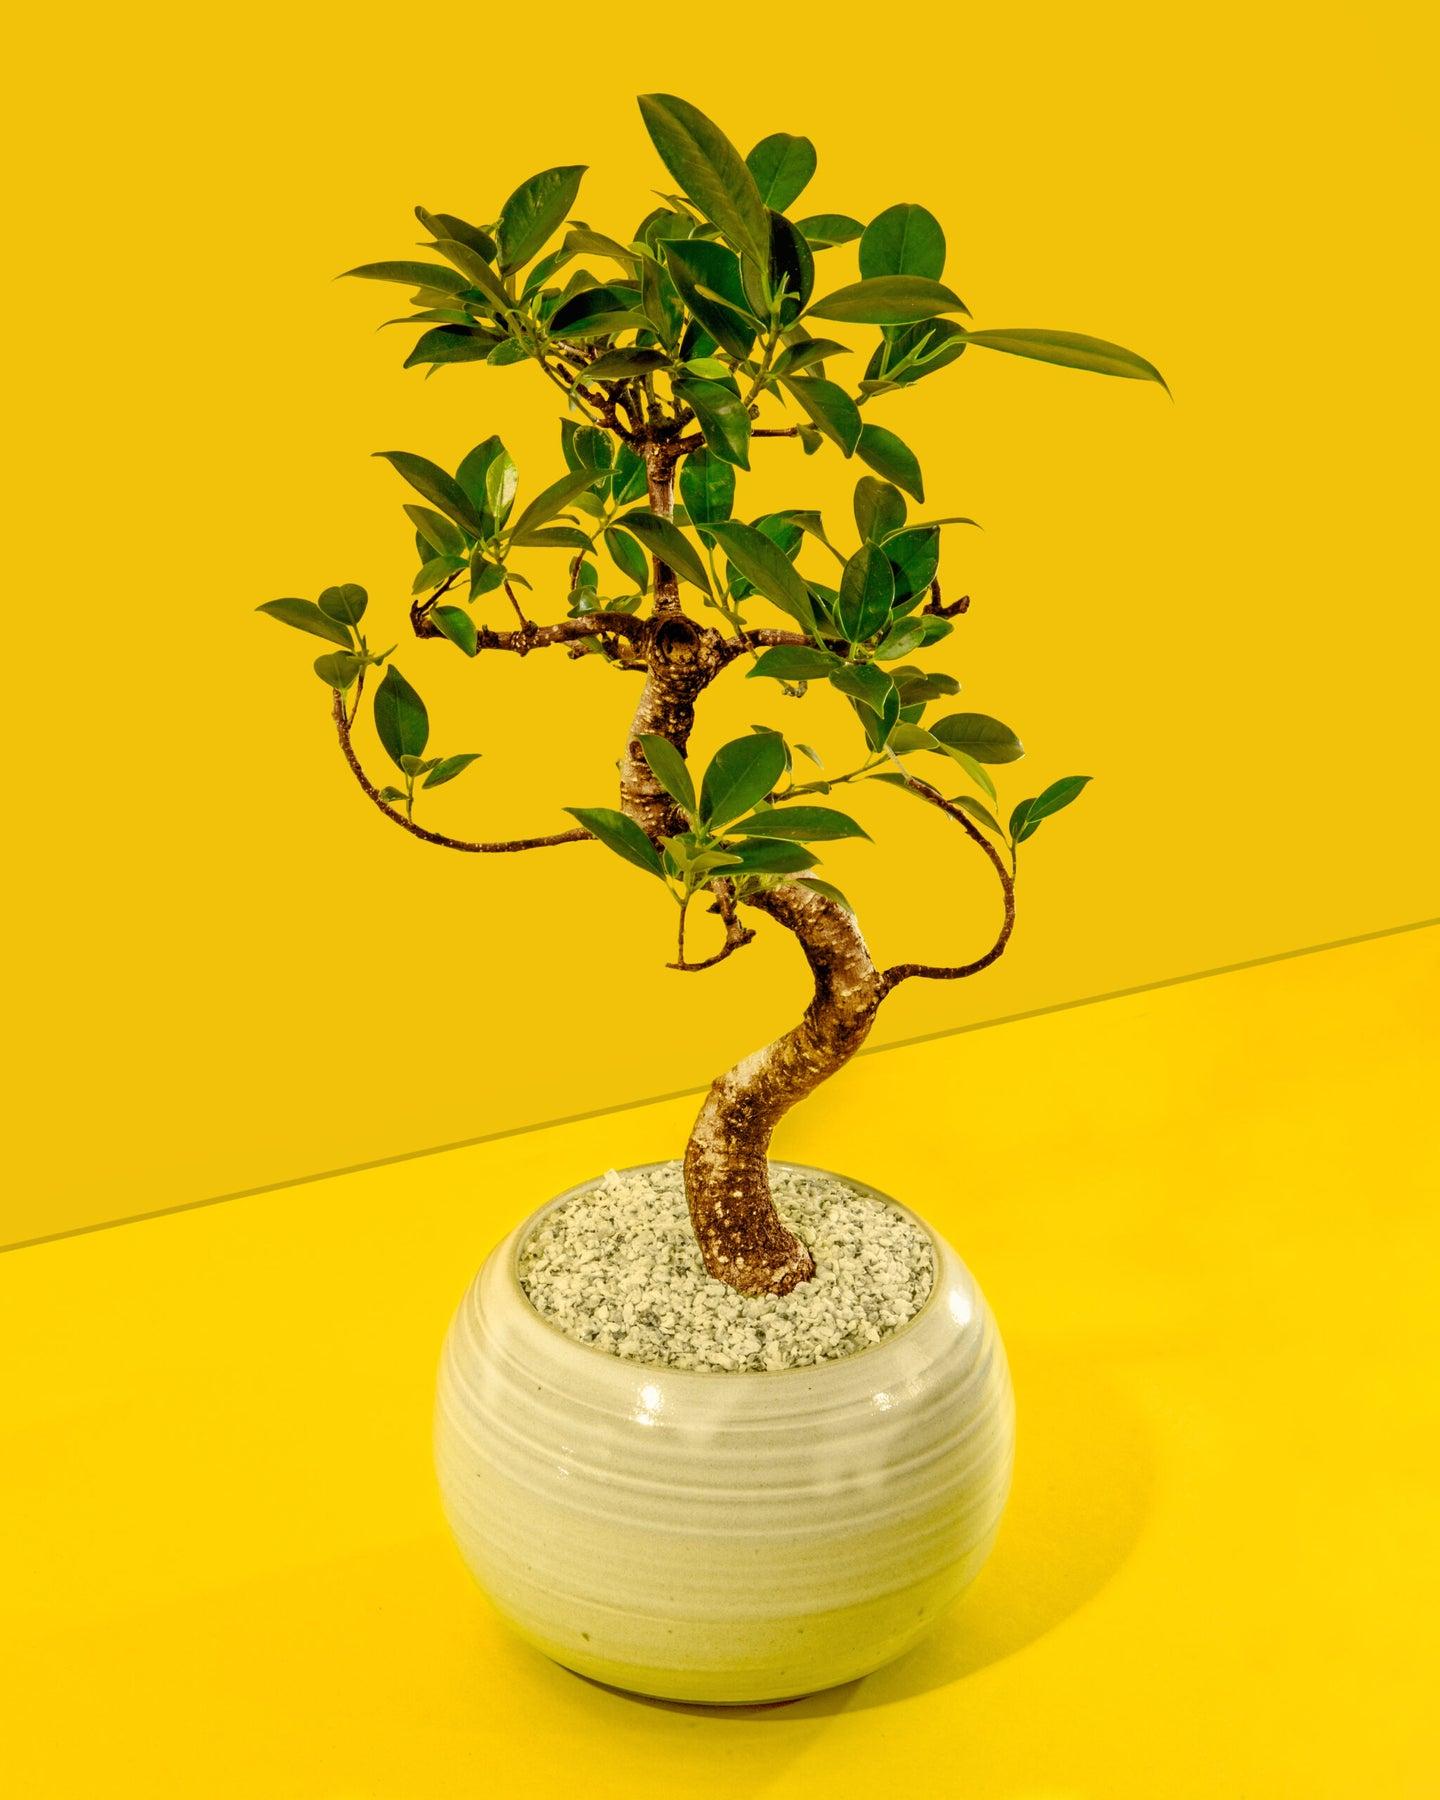 Chinese banyan bonsai tree on bright yellow